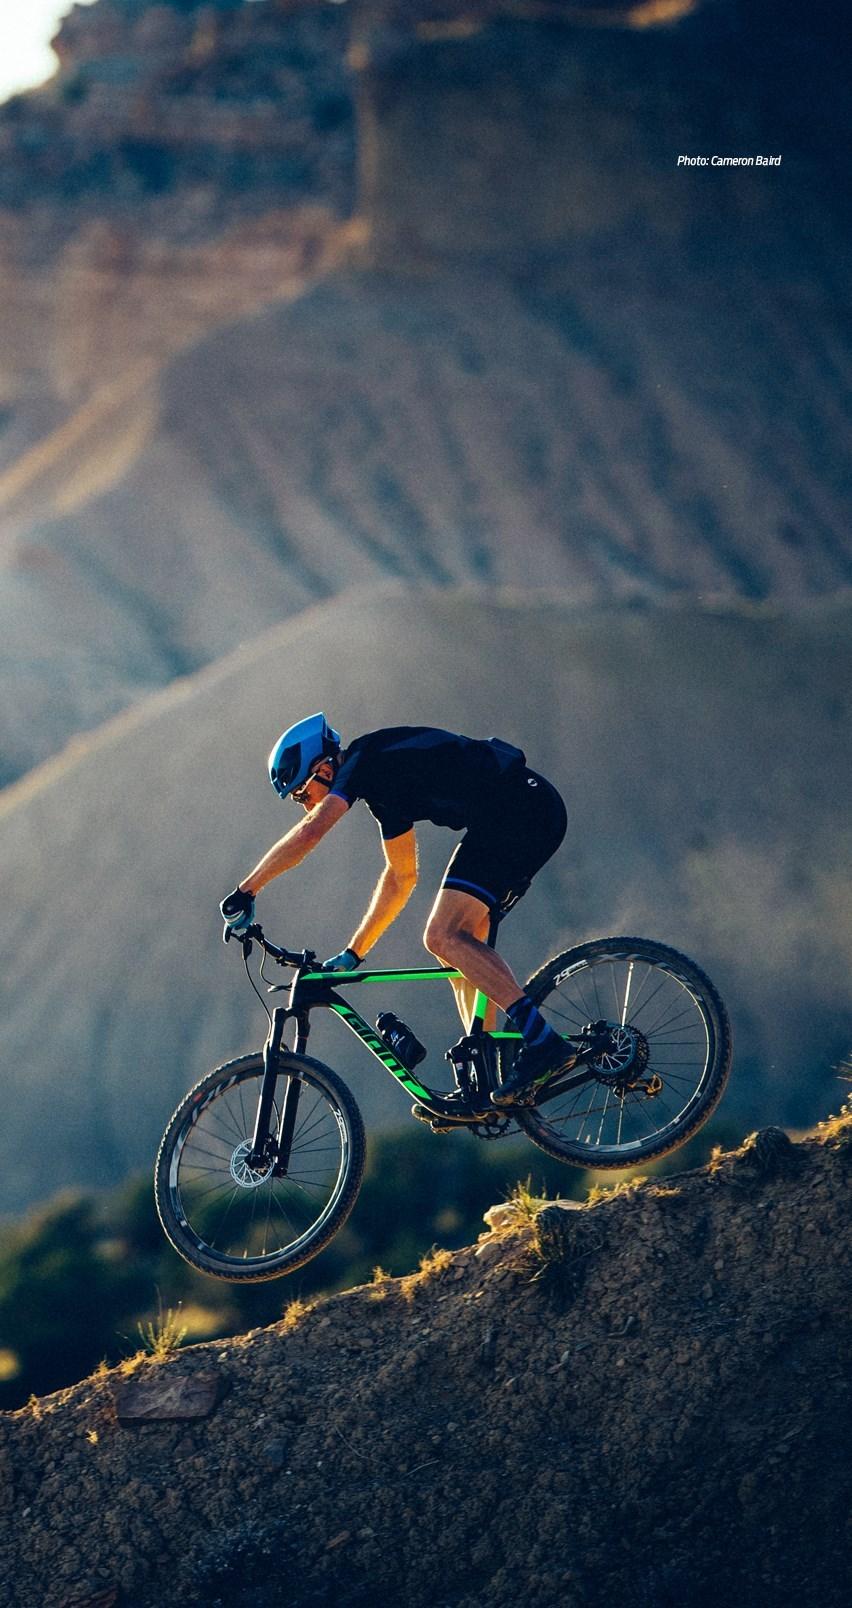 Giant Bikes Wallpaper Fondos De Pantalla Bicicleta Para